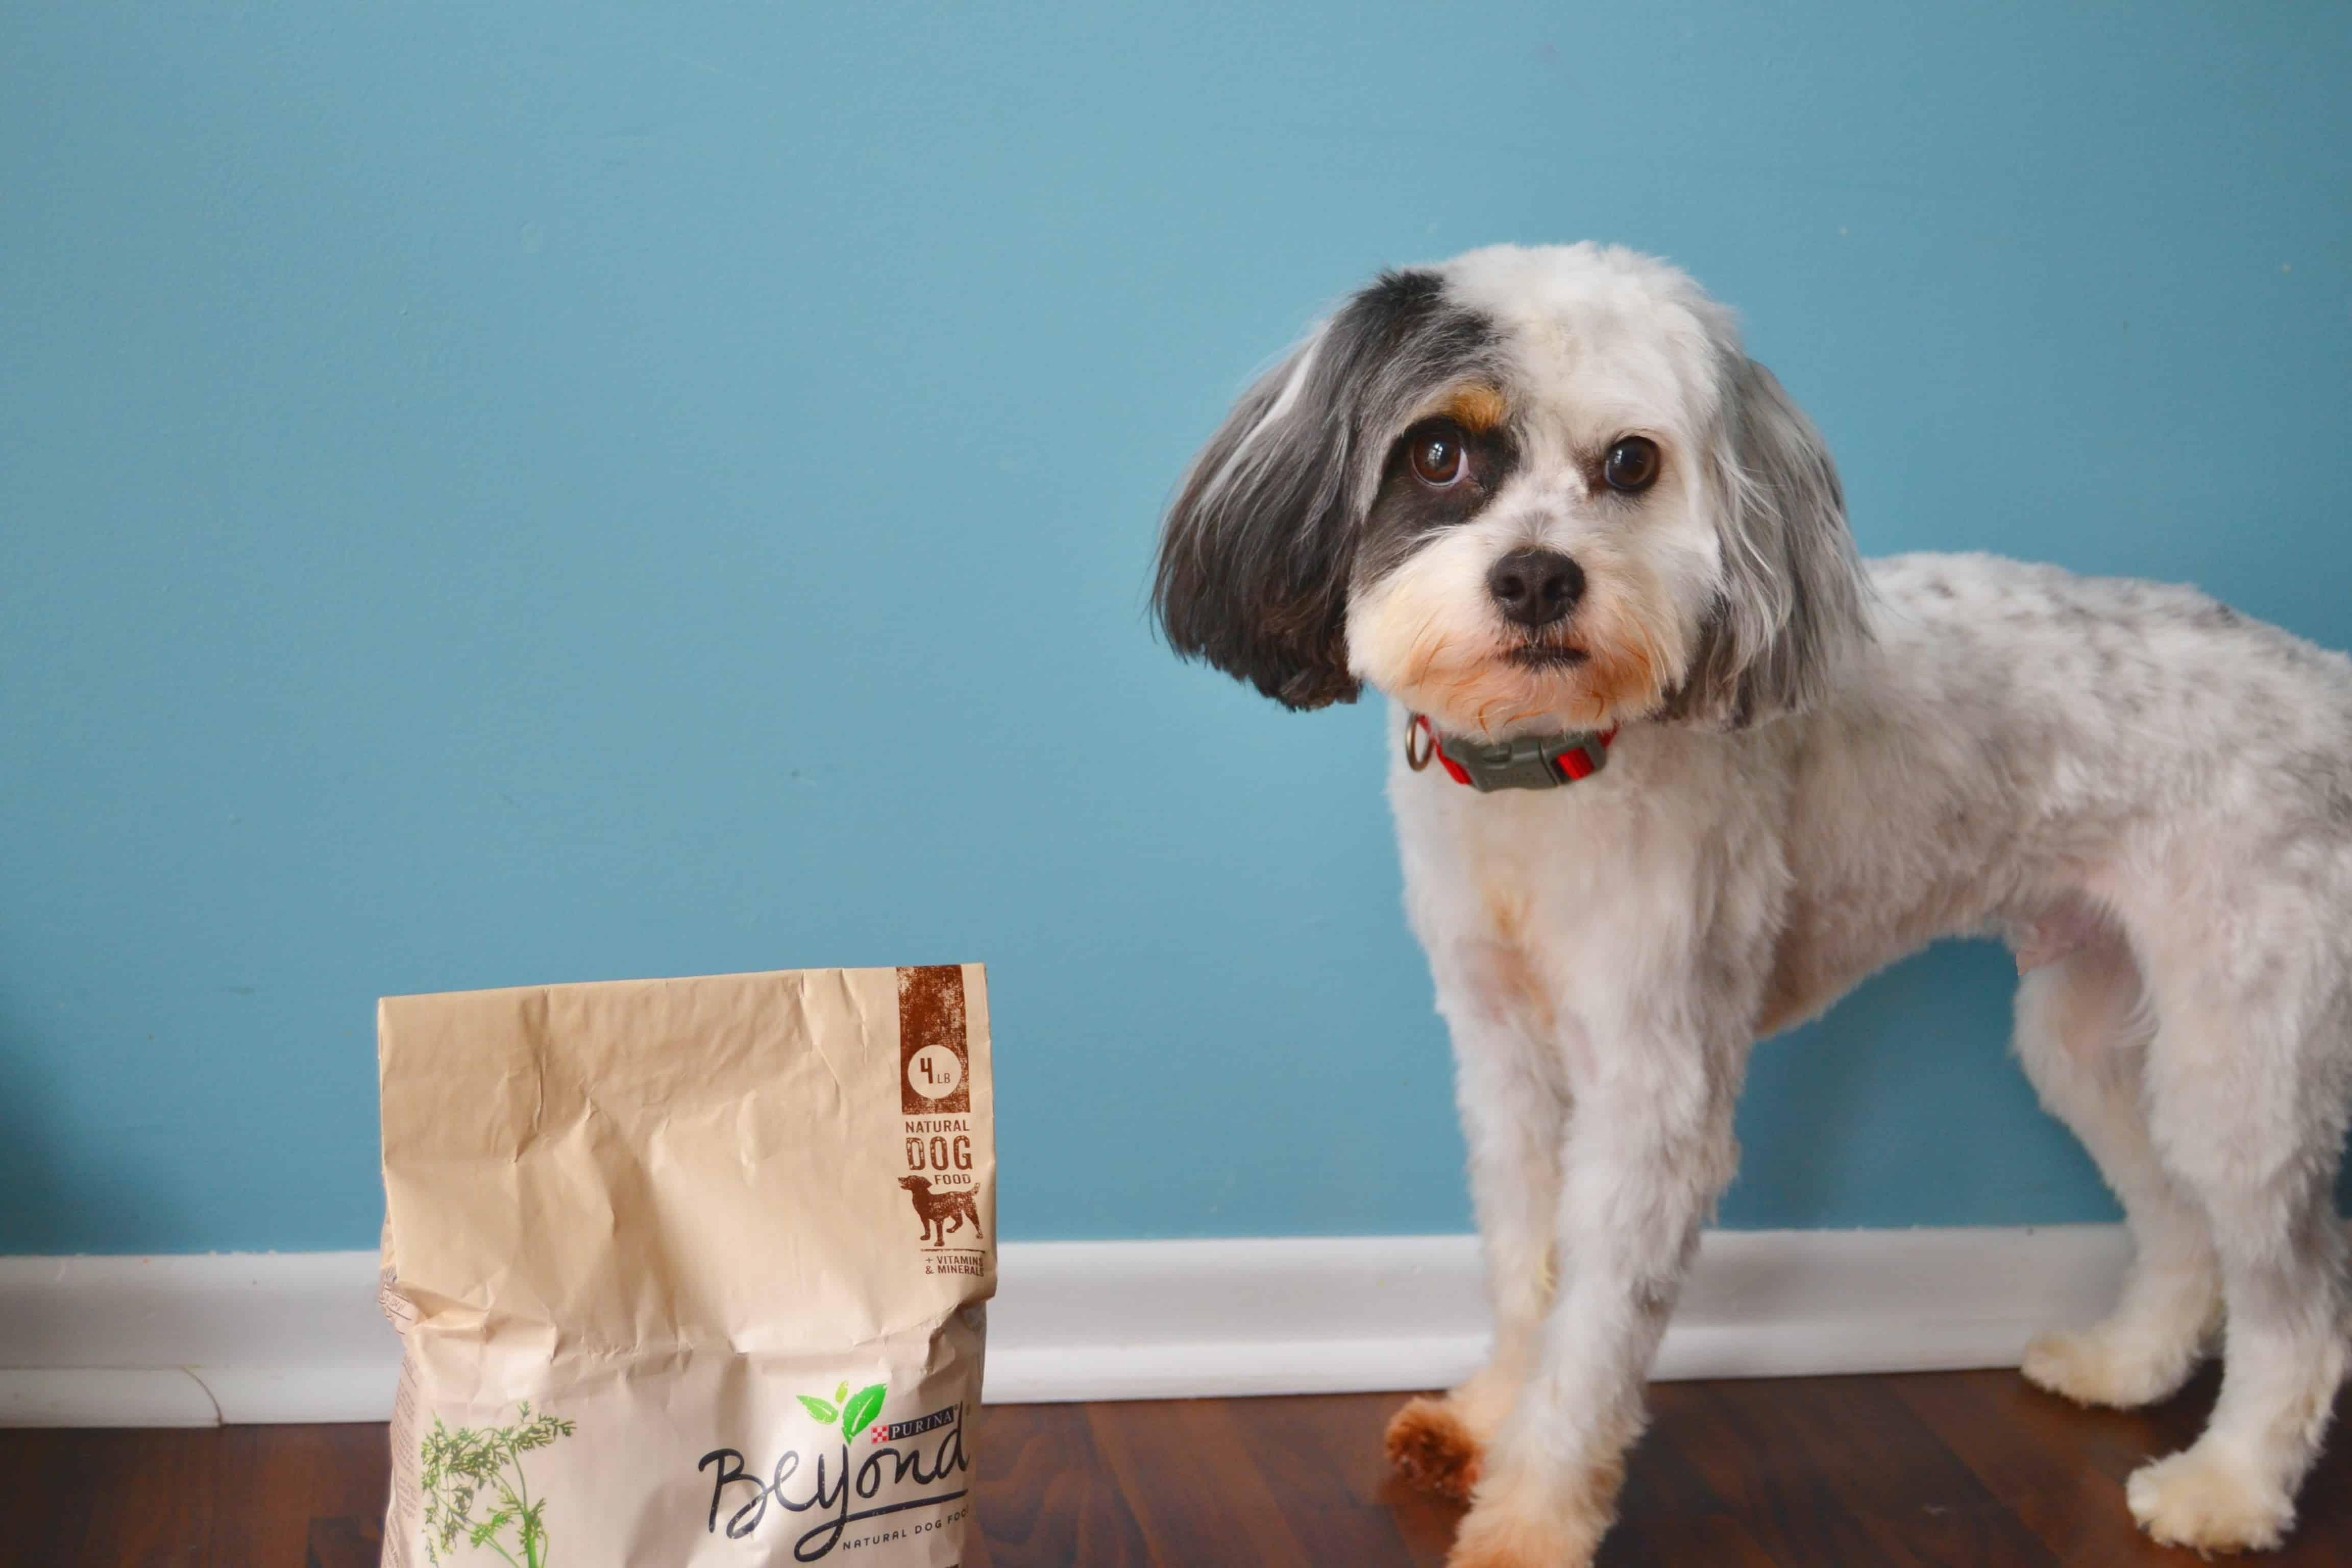 dog with dog food bag